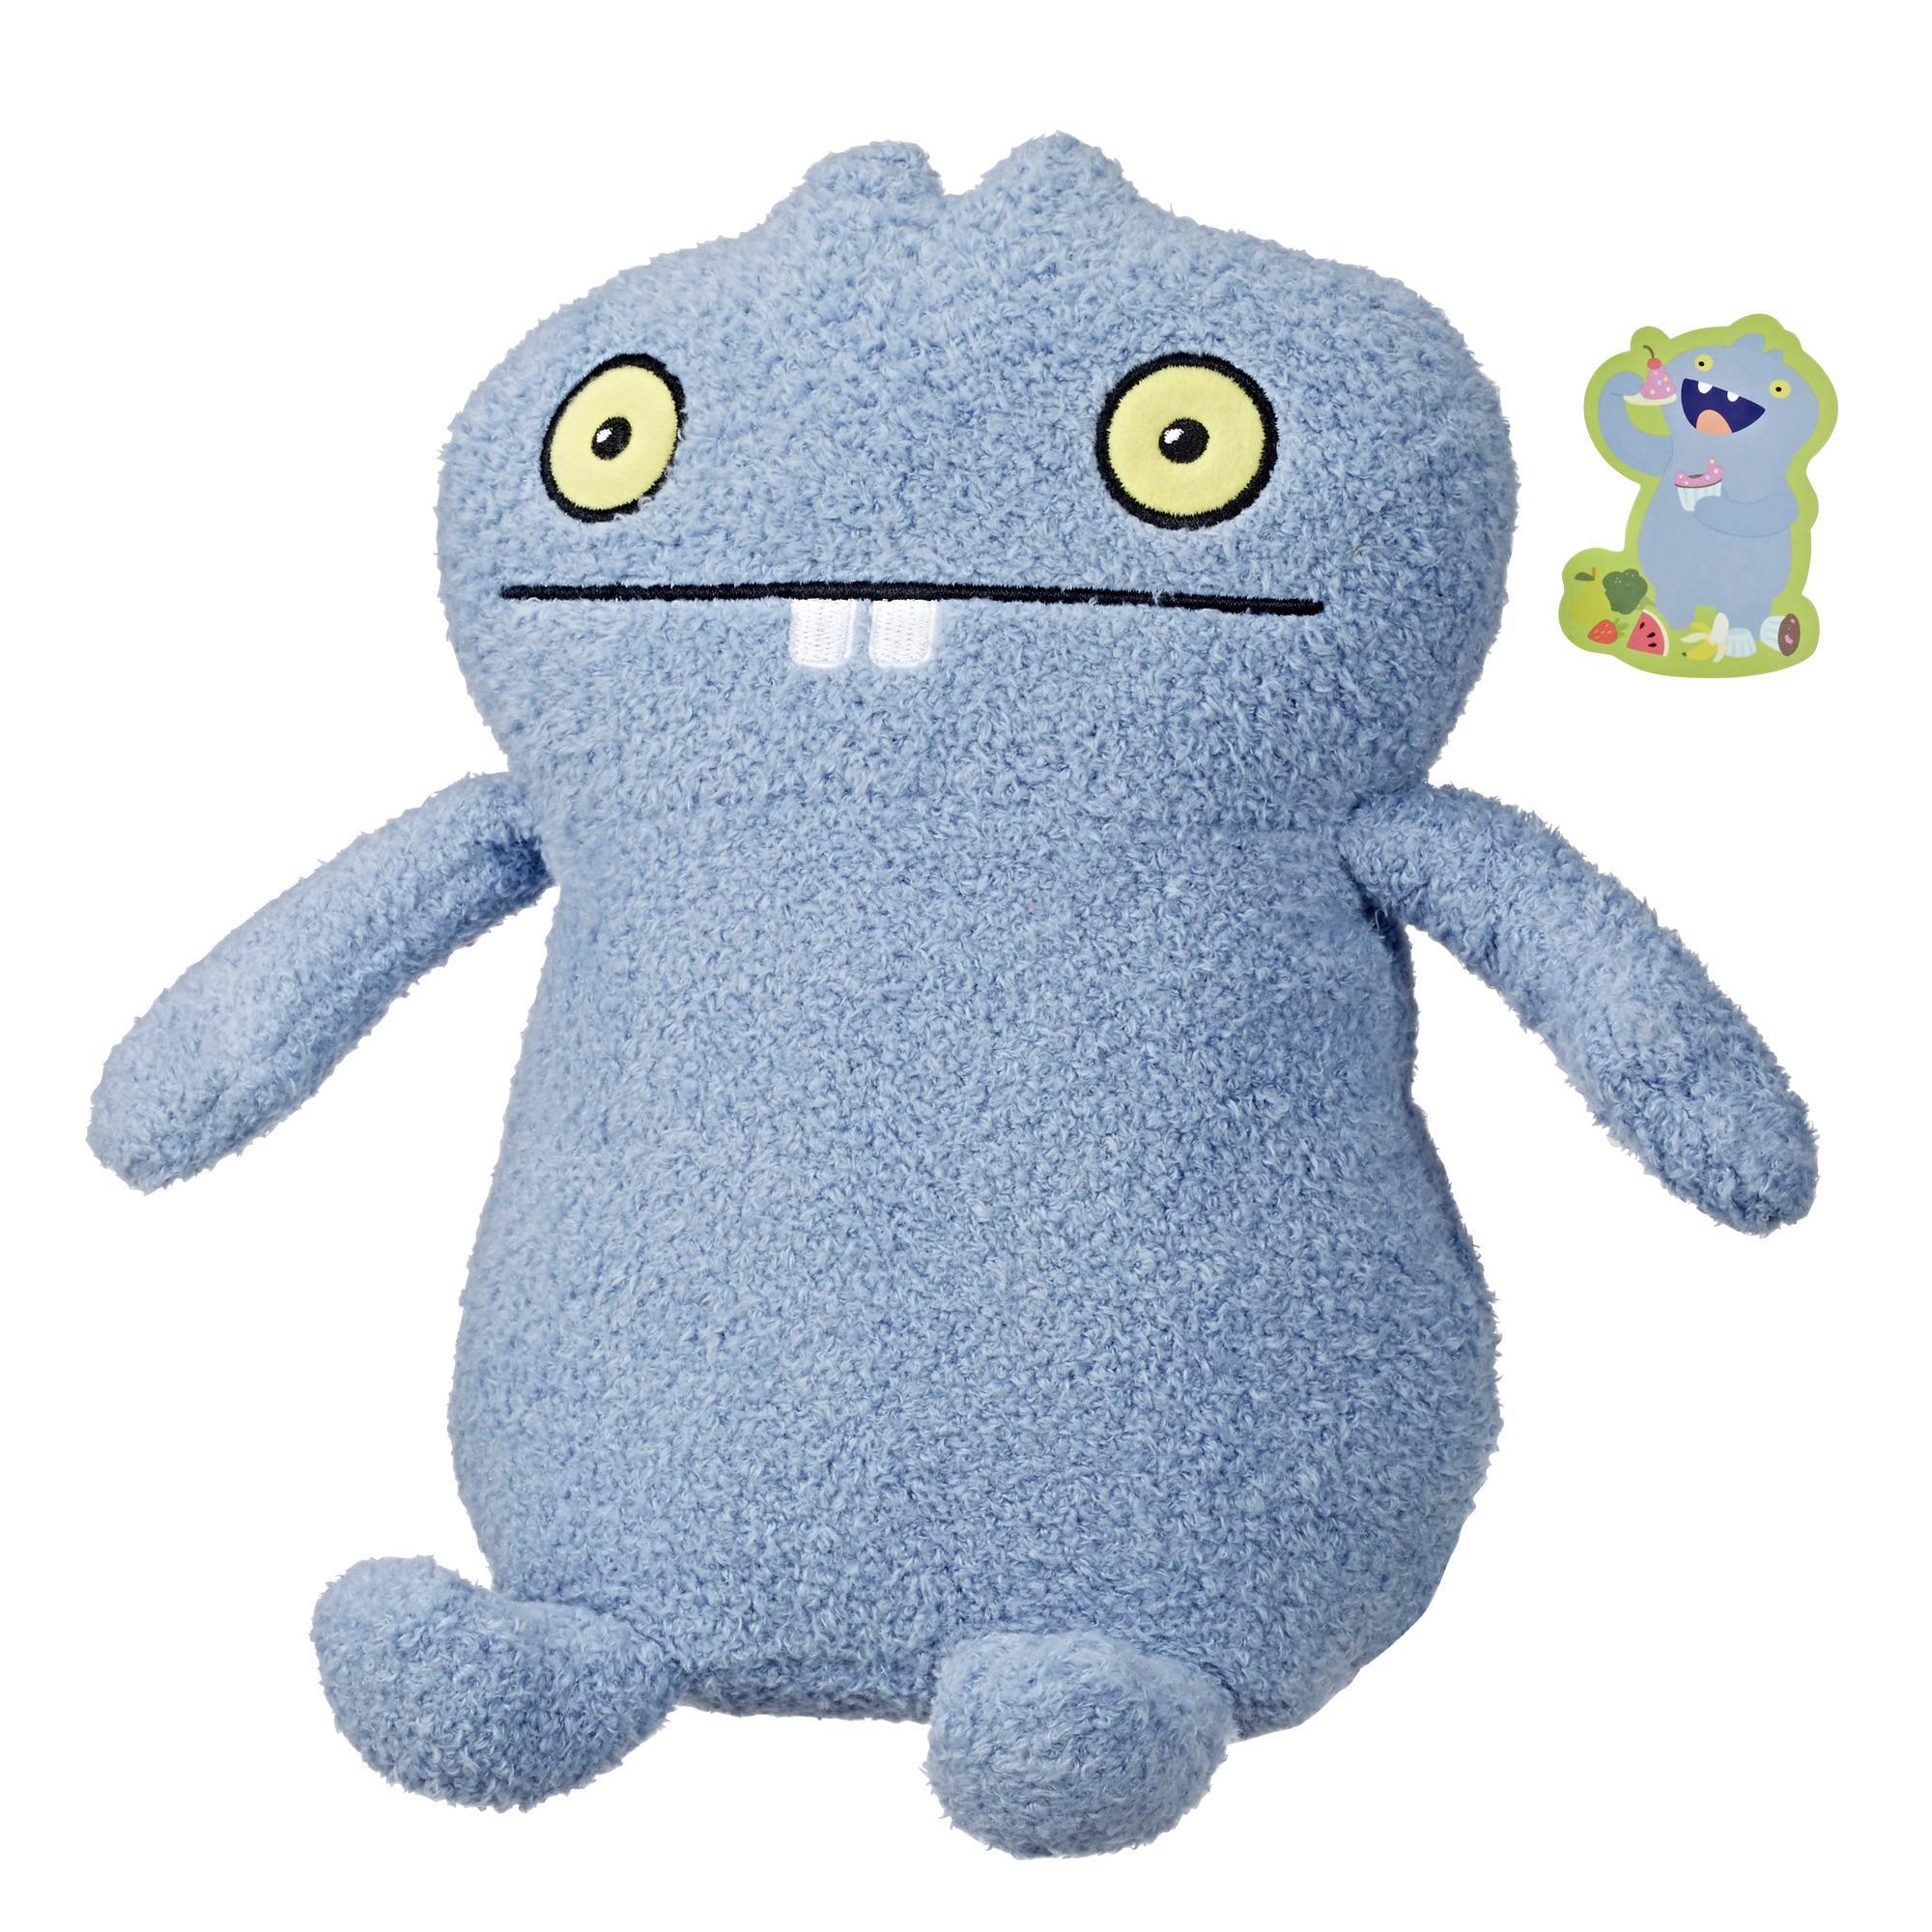 UglyDolls Com Muita Fome, Babo - Brinquedo de Pelúcia de 27 cm